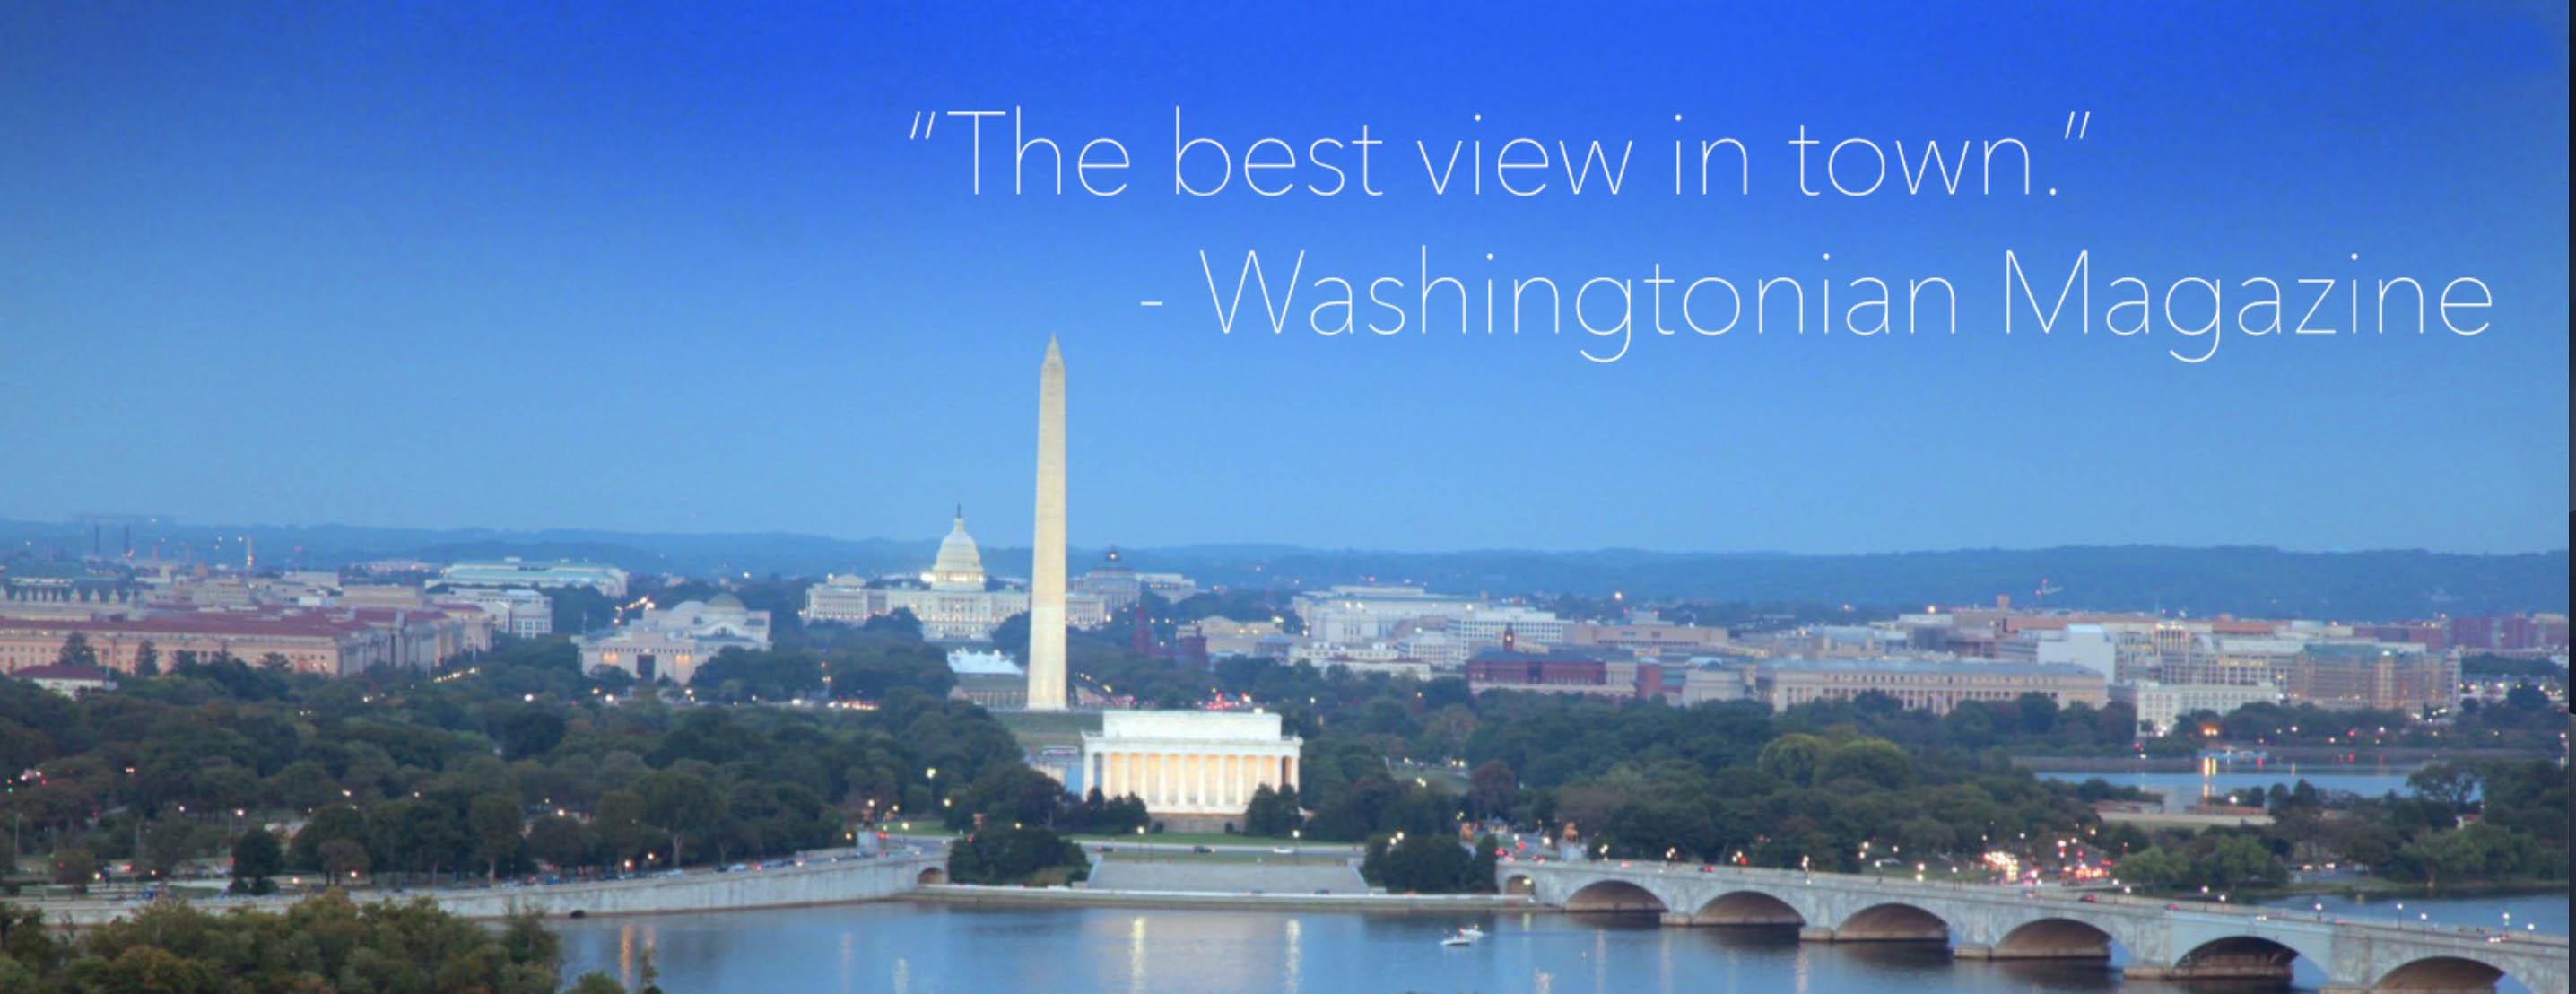 Best View - Washington